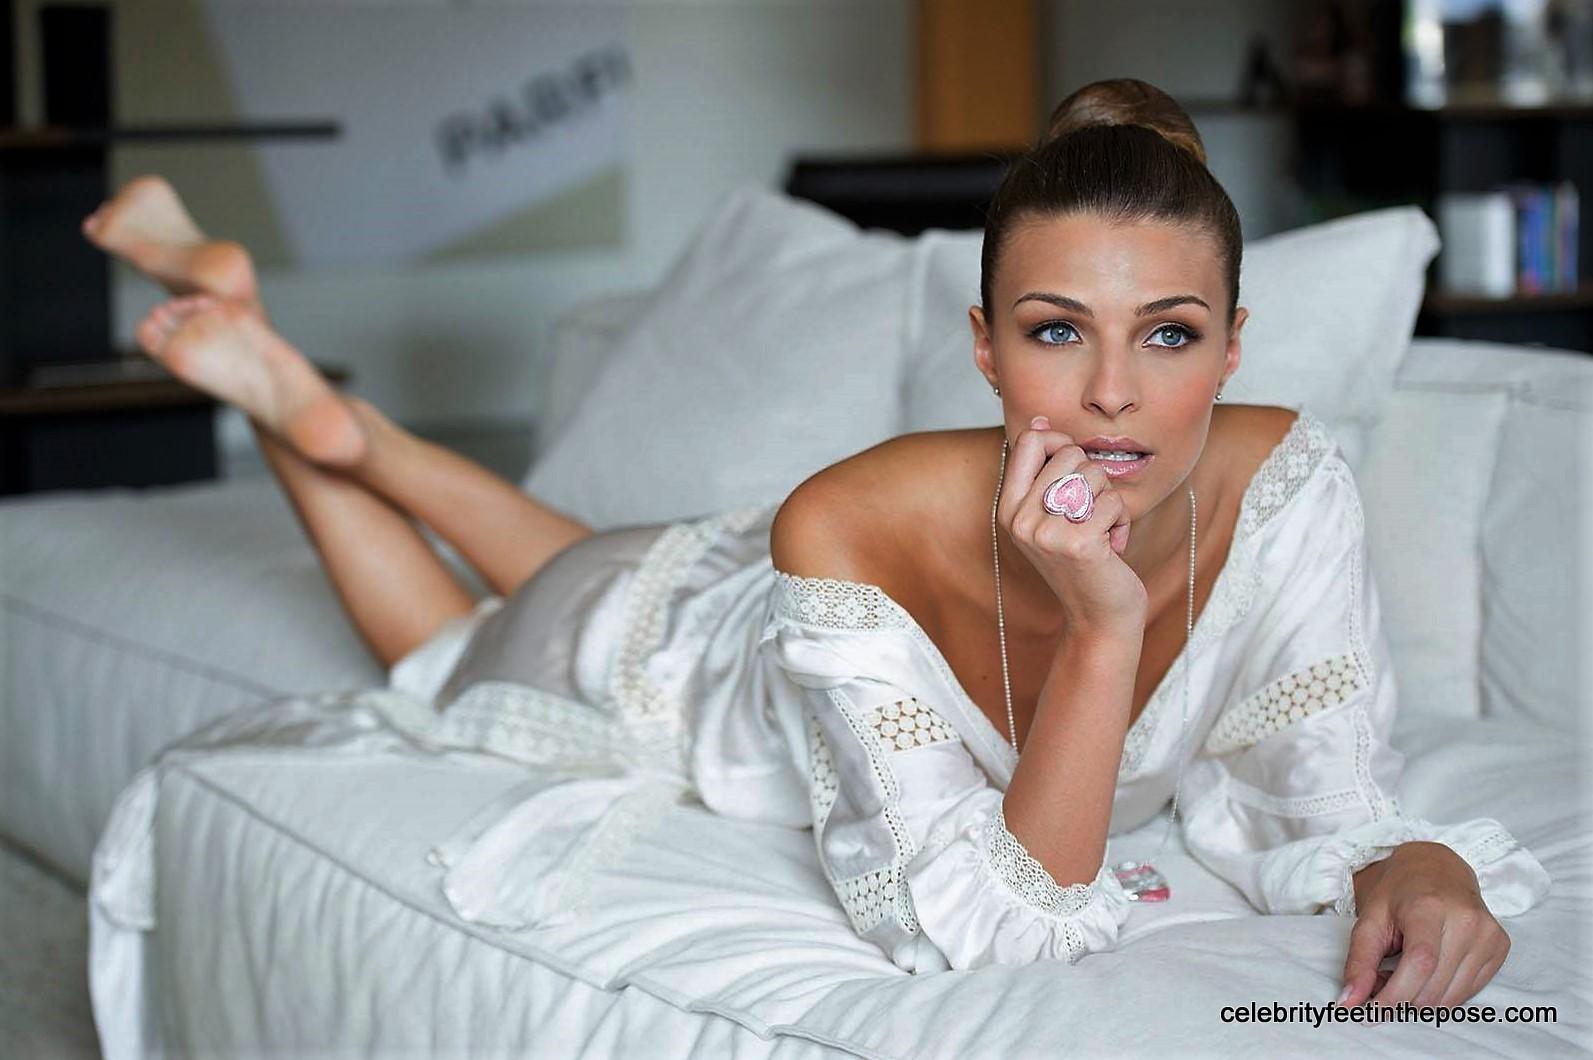 Cristina Chiabotto ritrova l'amore dopo Fabio Fulco, chi è il nuovo fidanzato